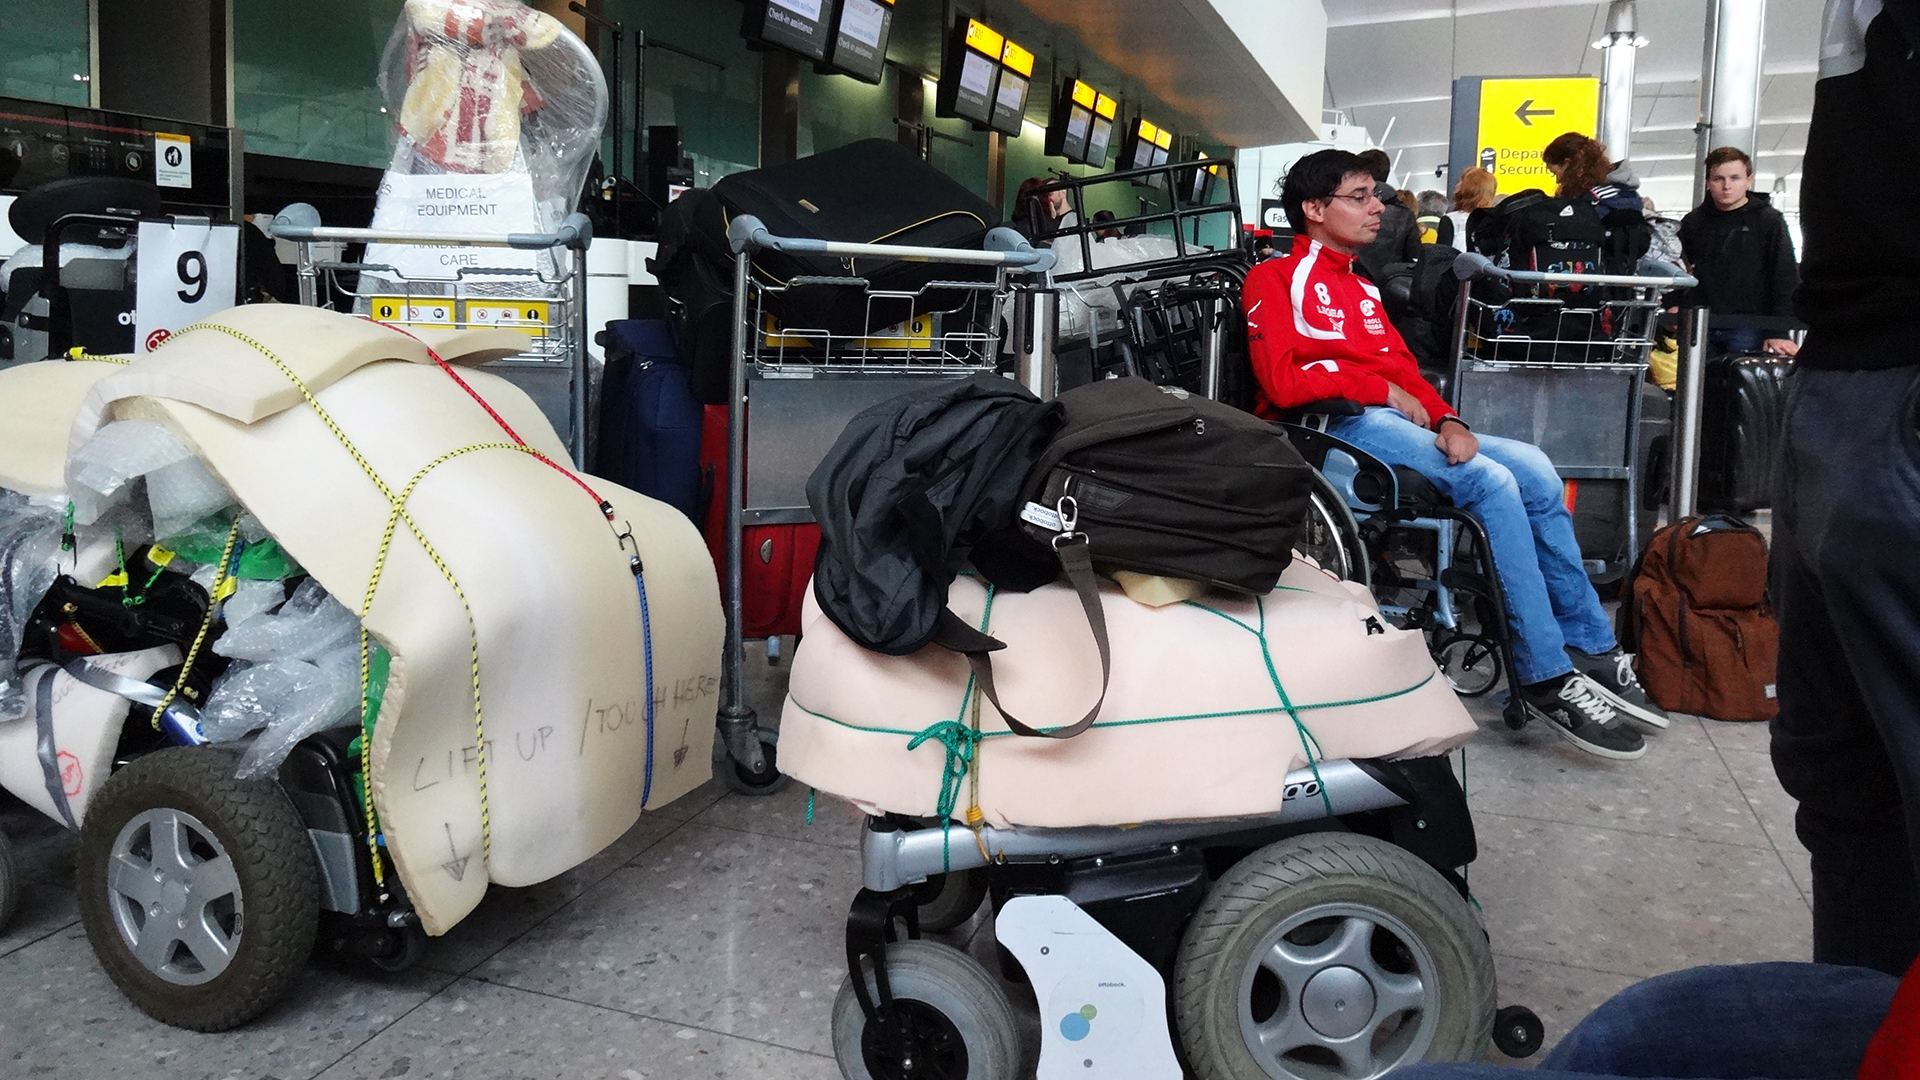 Einchecken in Heathrow